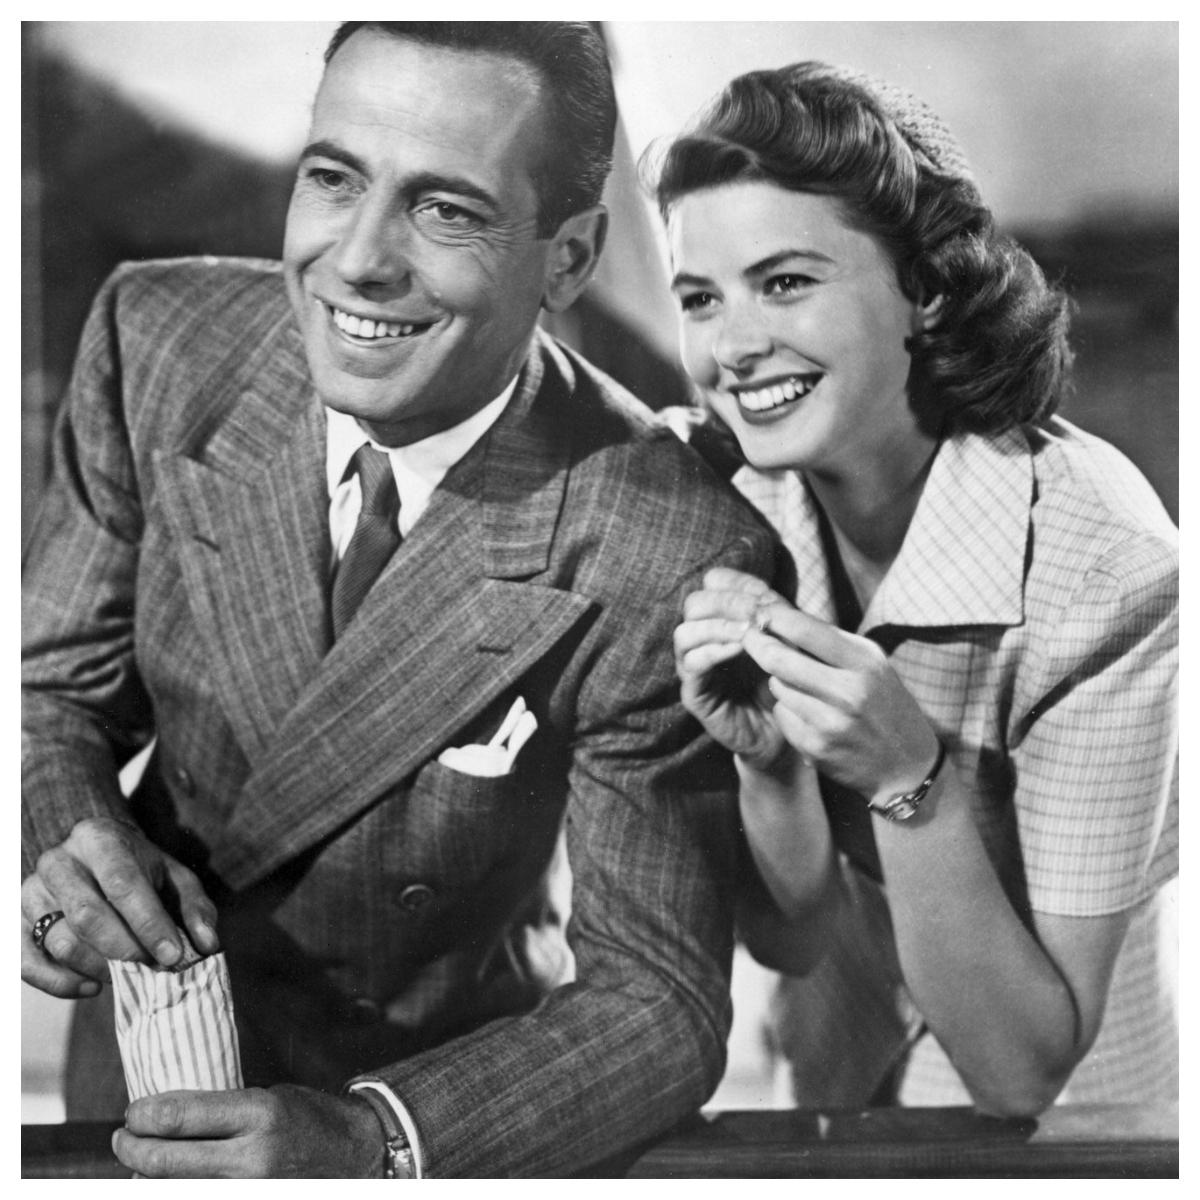 Femeile de intalnire din Casablanca)